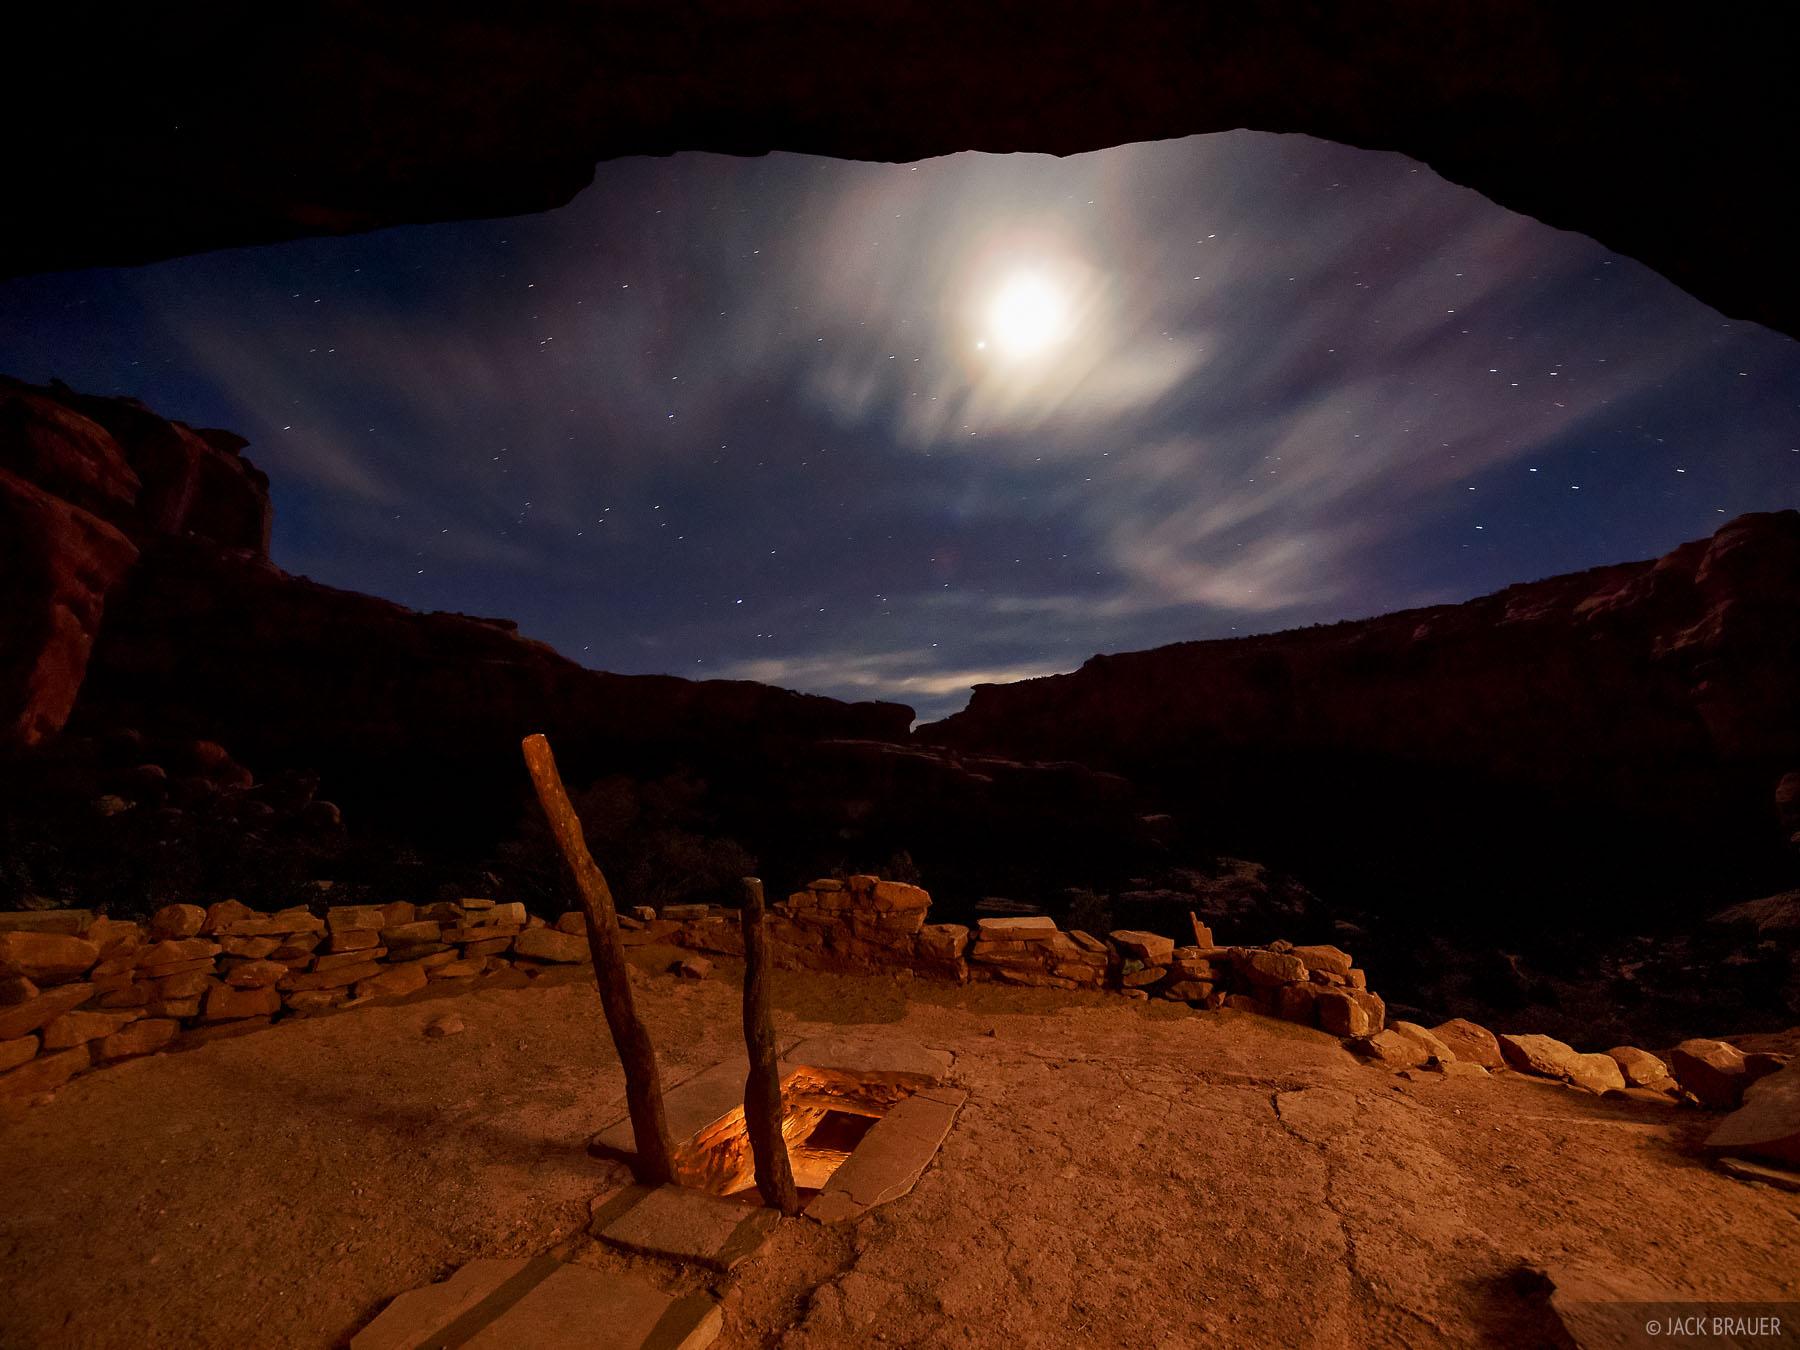 Grand Gulch, kiva, Utah, night, Bears Ears National Monument, photo